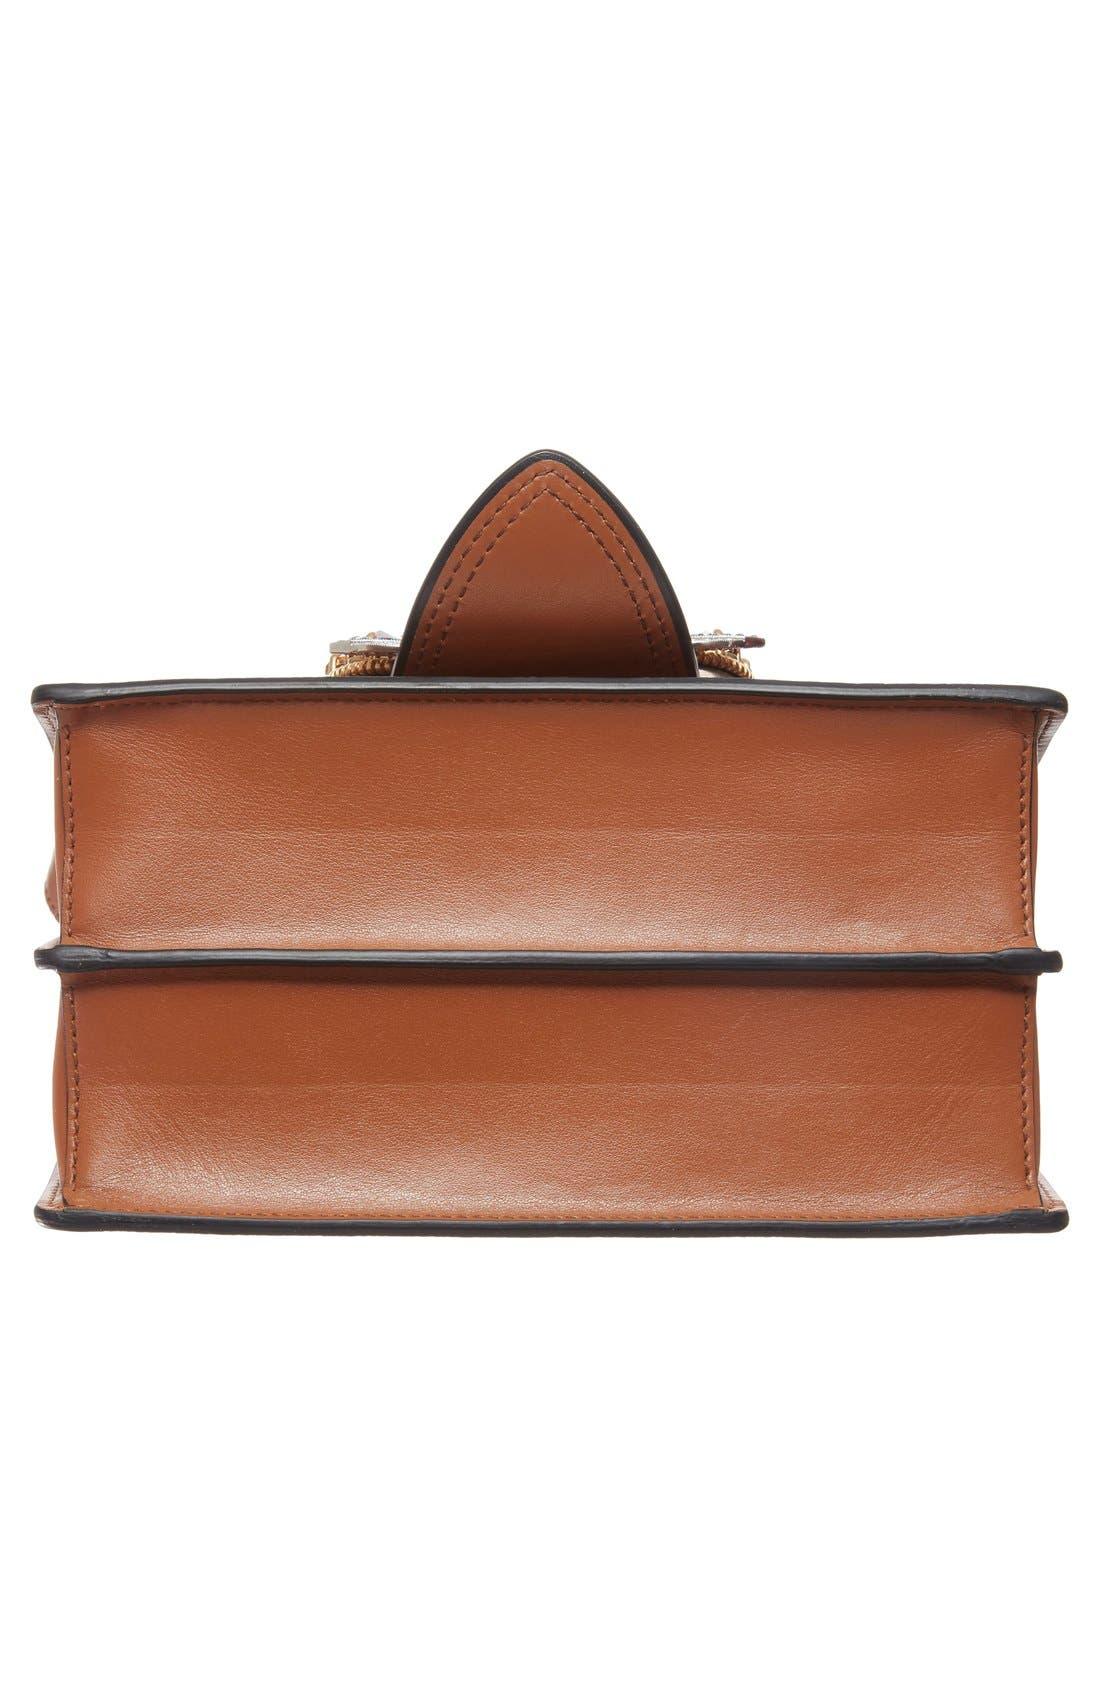 'Small Madras' Crystal Embellished Leather Shoulder Bag,                             Alternate thumbnail 6, color,                             Brandy